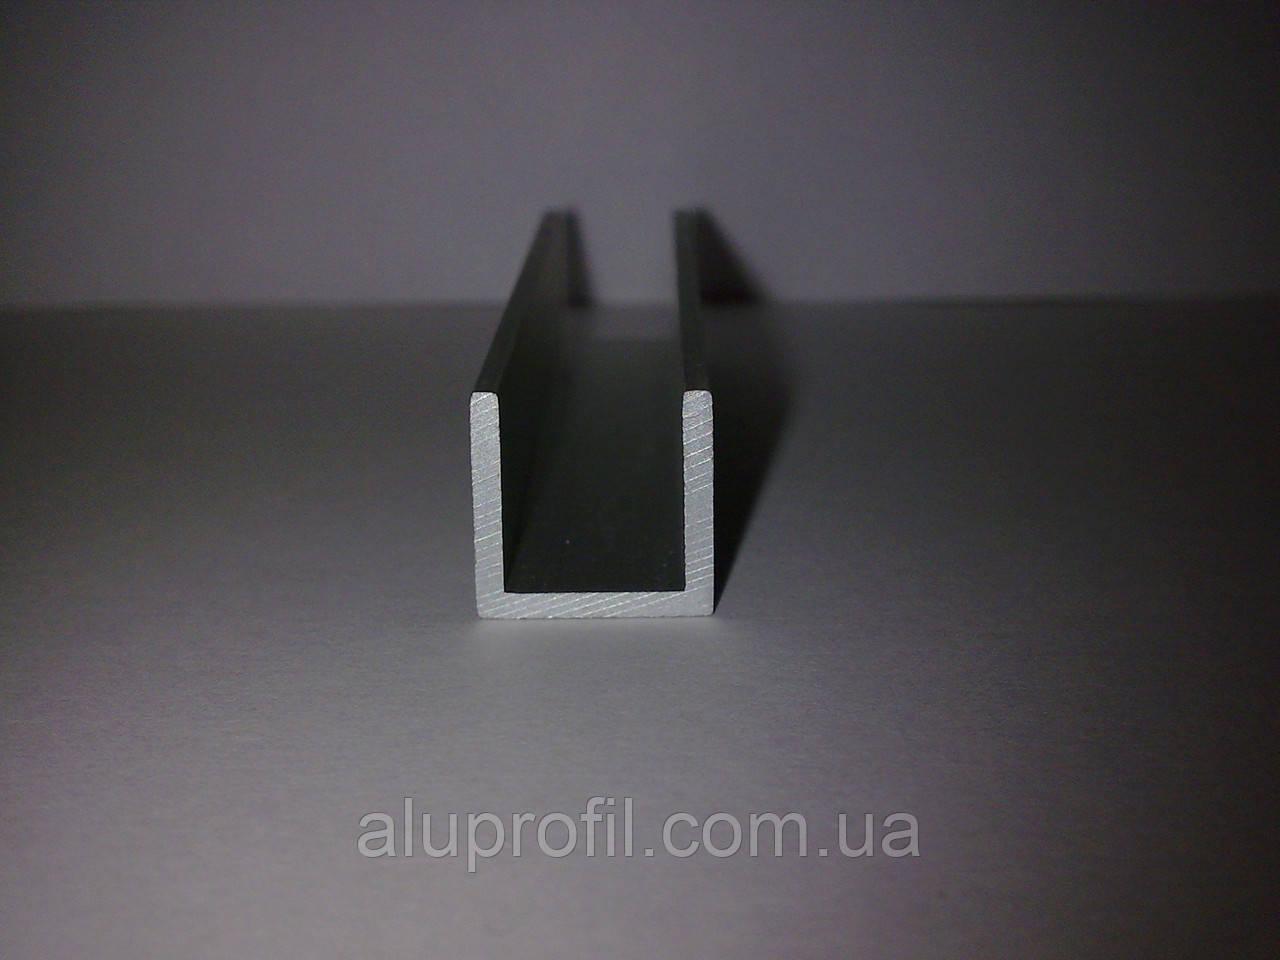 Алюмінієвий профіль п-подібний алюмінієвий профіль (швелер) 15х10х1,5 AS